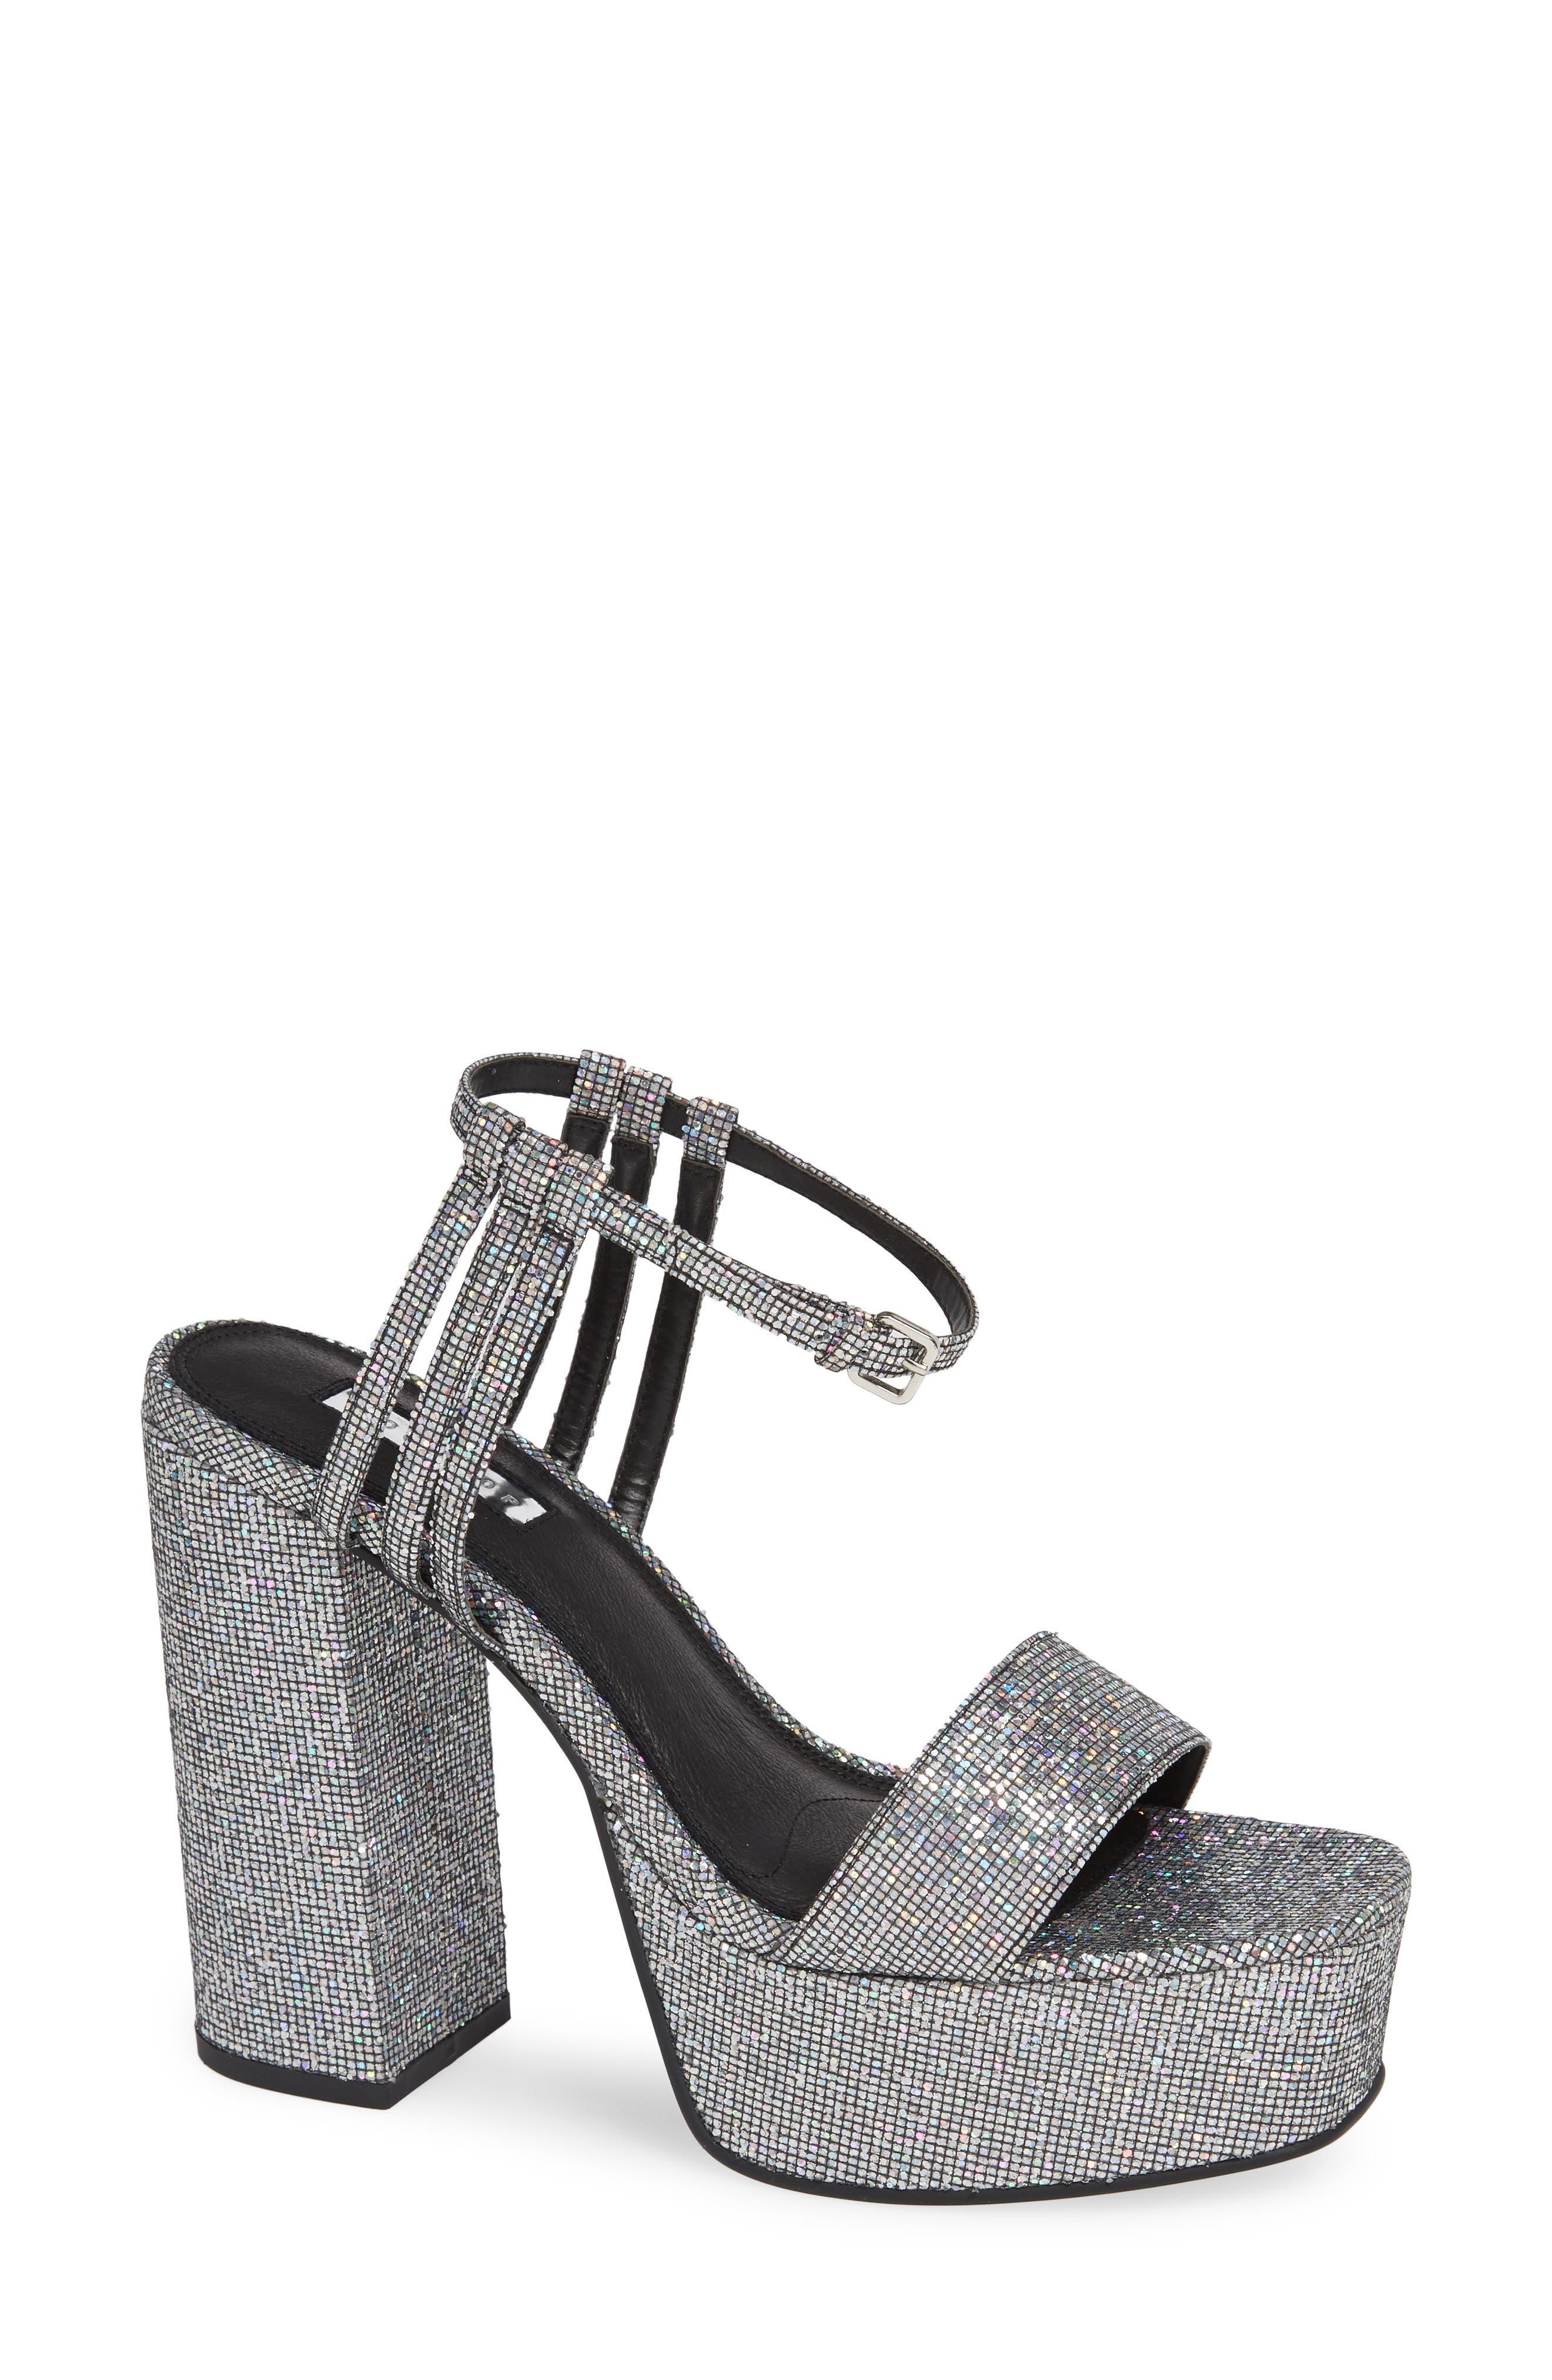 6723cb40a448 Topshop Women s Shoes